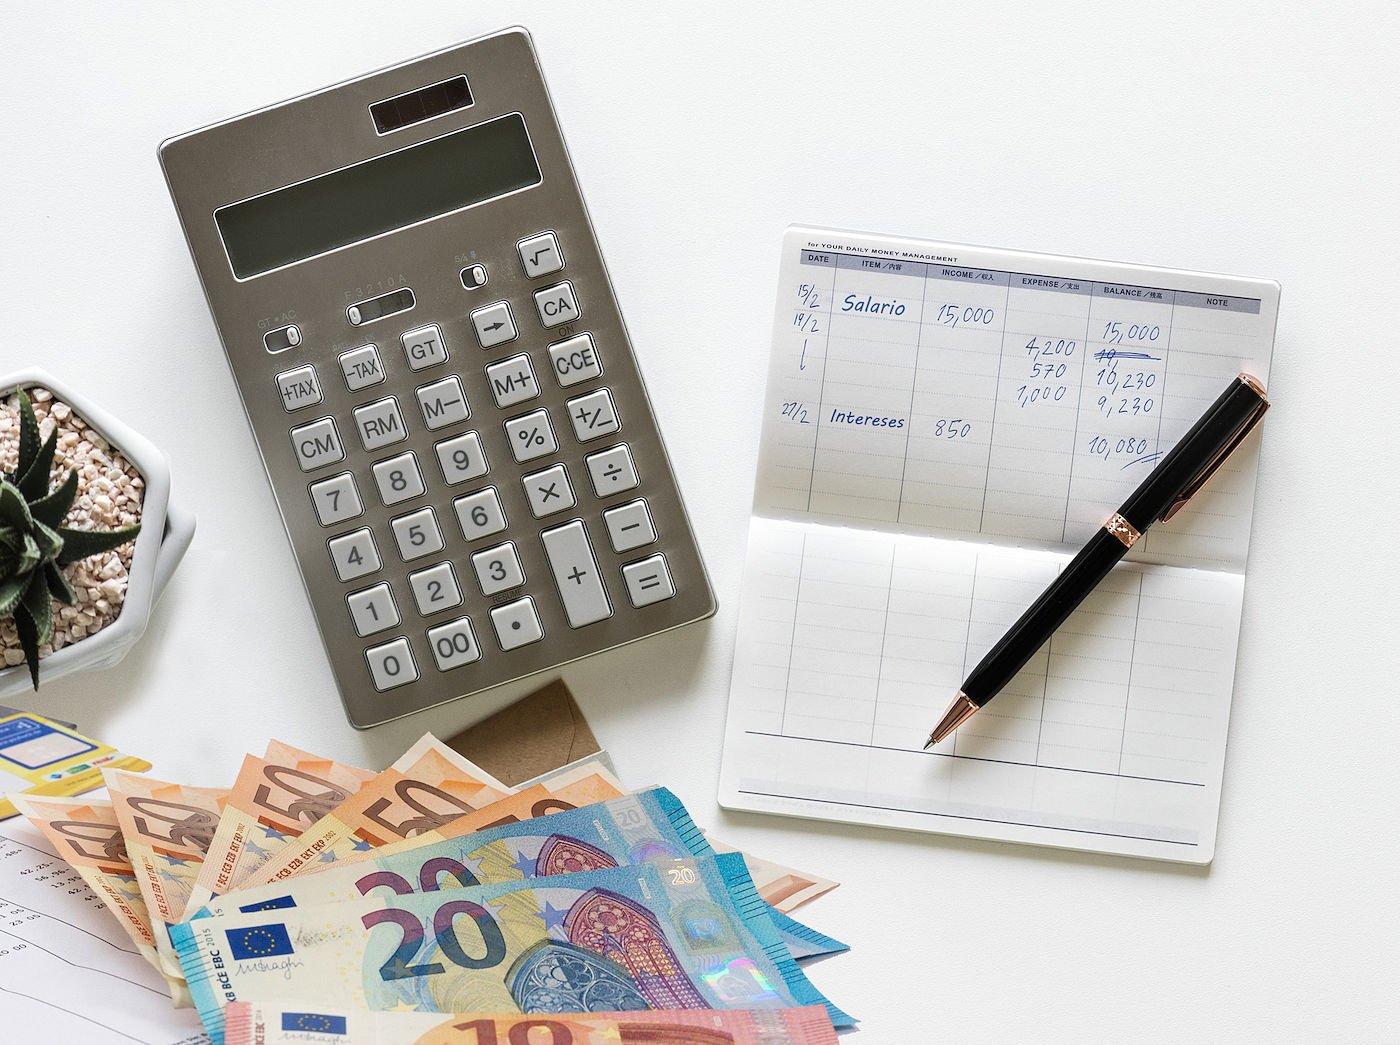 Los bancos empezarán a cobrar a partir de 100.001 euros de saldo, pero ninguno quiere ser el primero